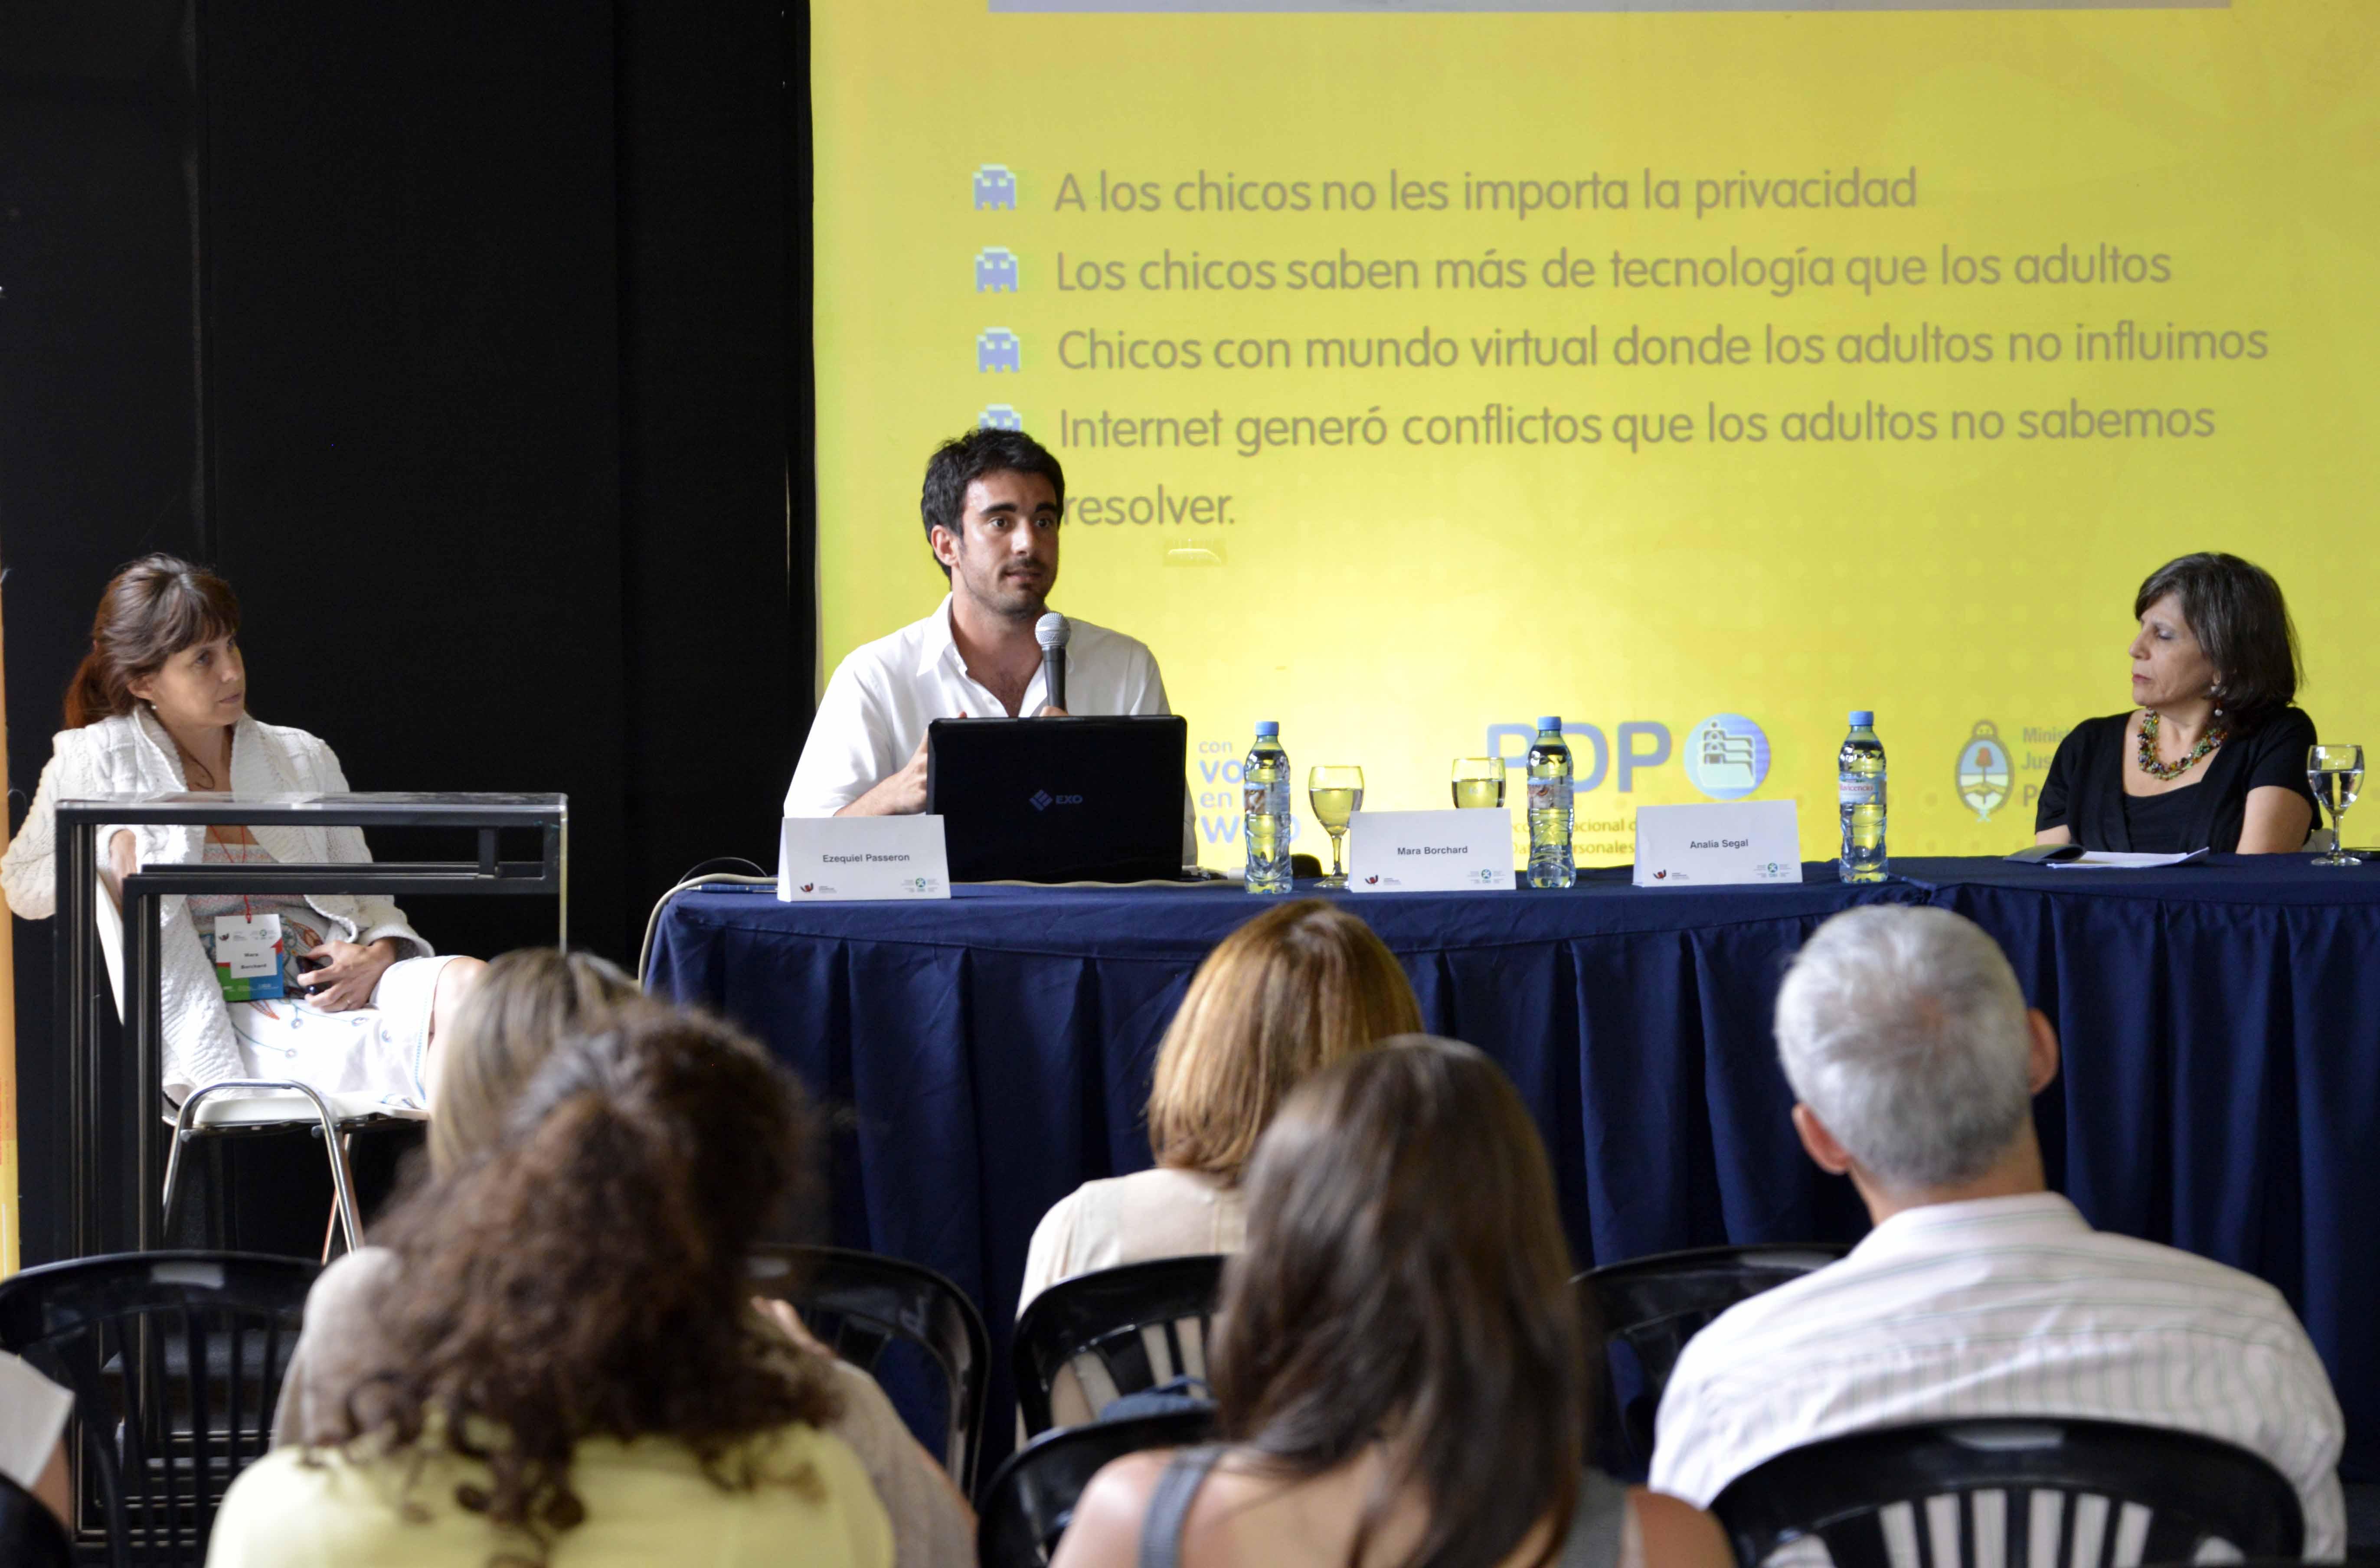 Con Vos en la Web participó de Congreso Iberoamericano de ciencia, tecnología, innovación y educación